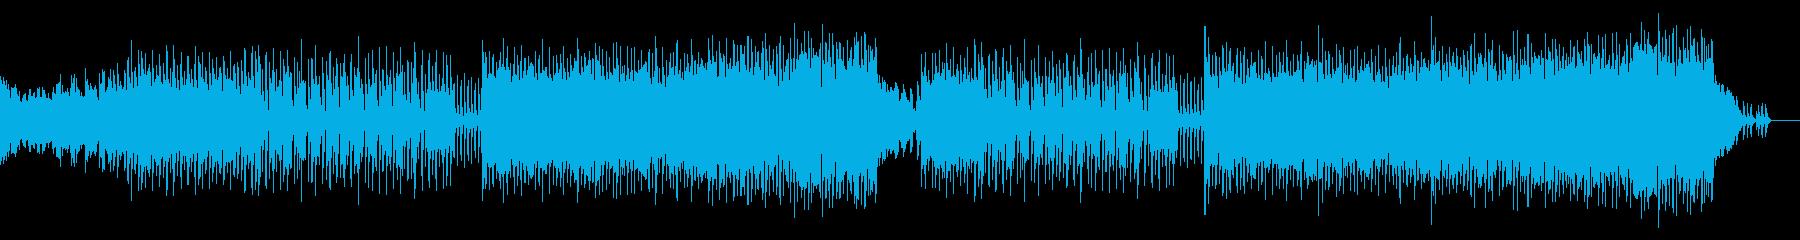 切ない雰囲気のポップスの再生済みの波形